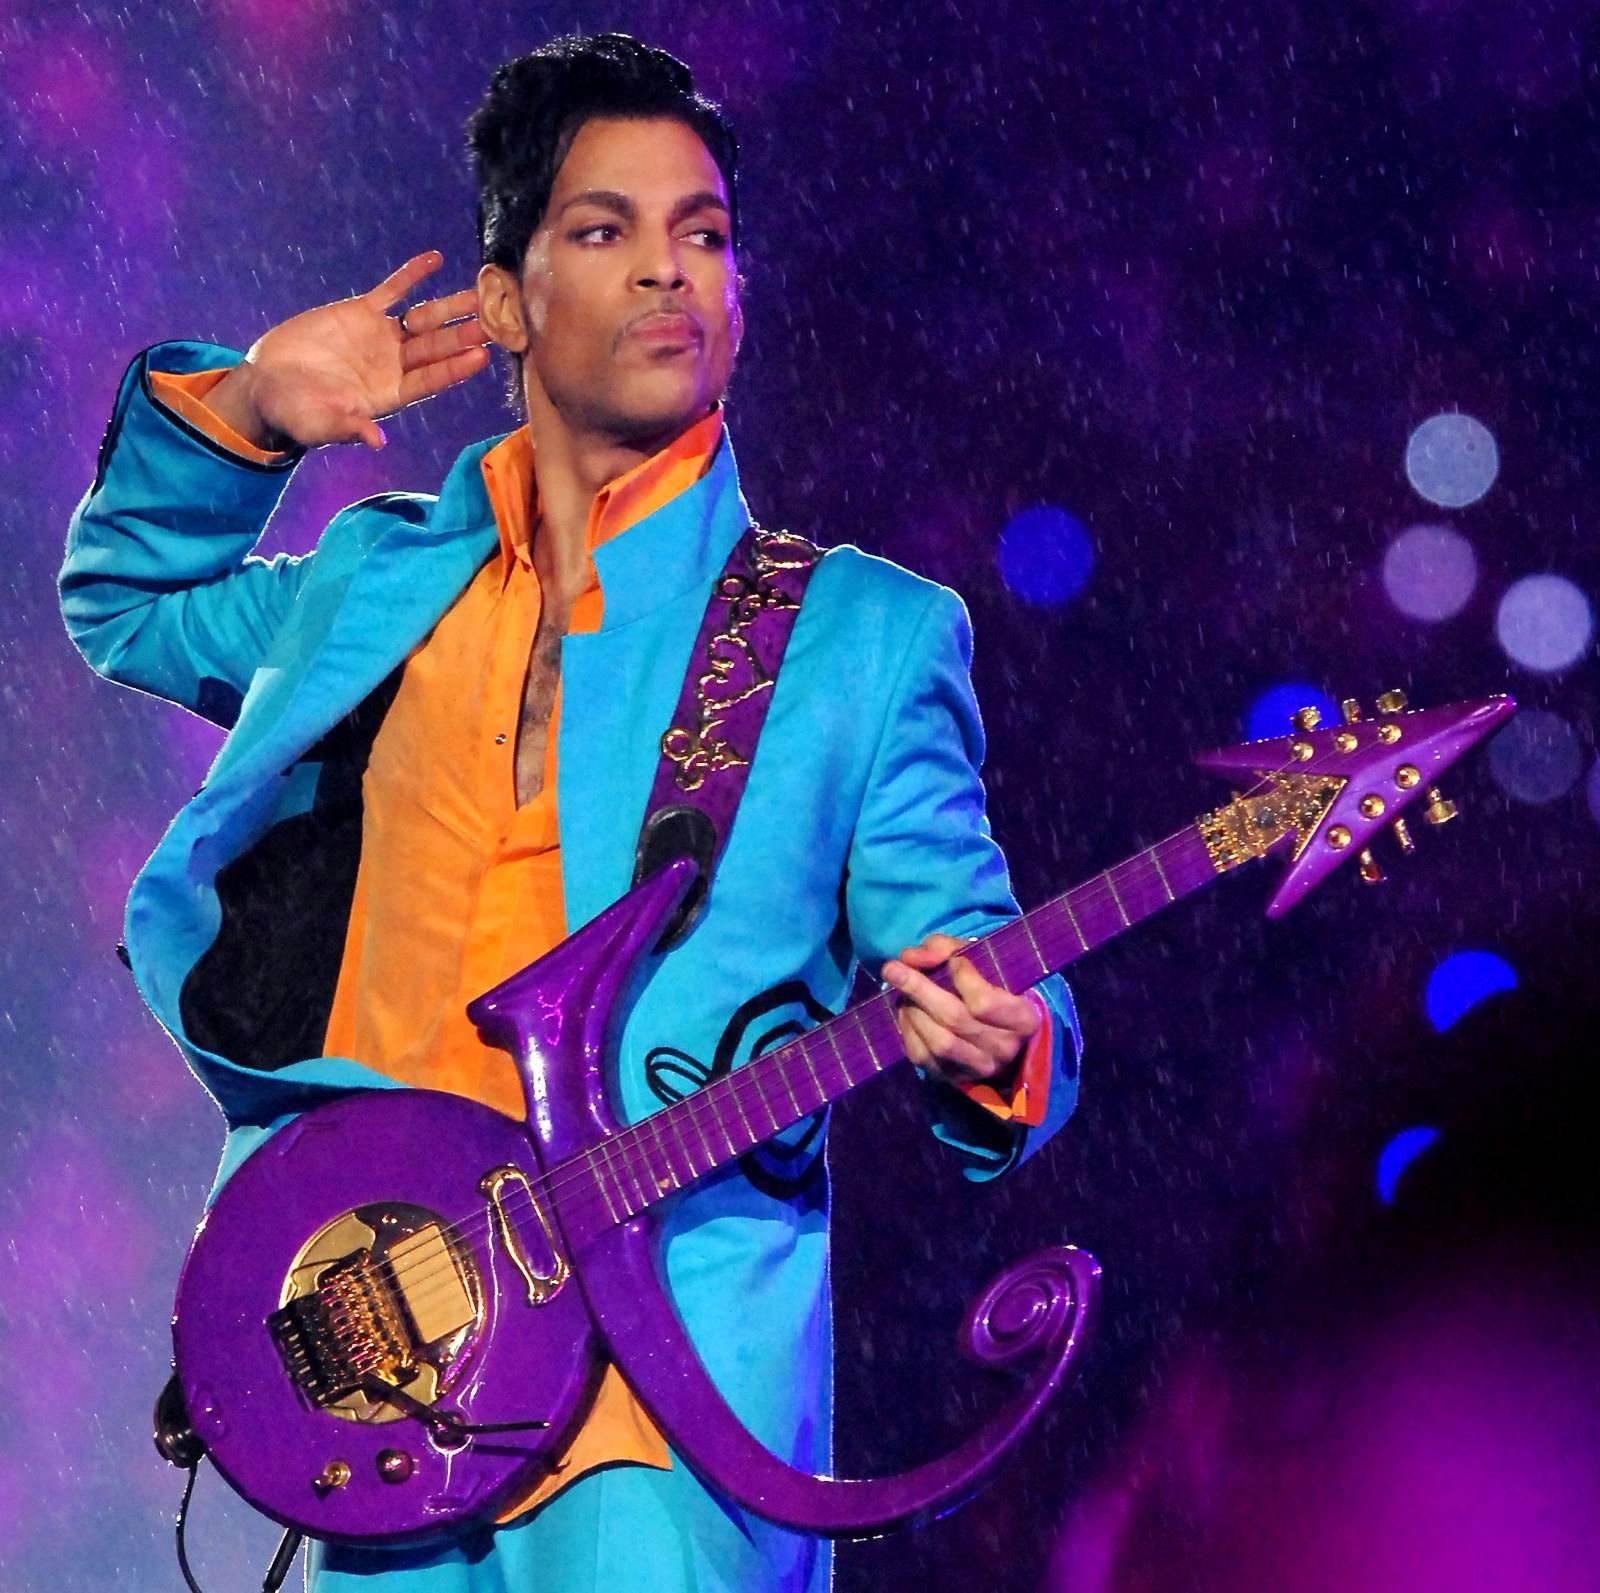 Prince - fialový malý velký muž pop music